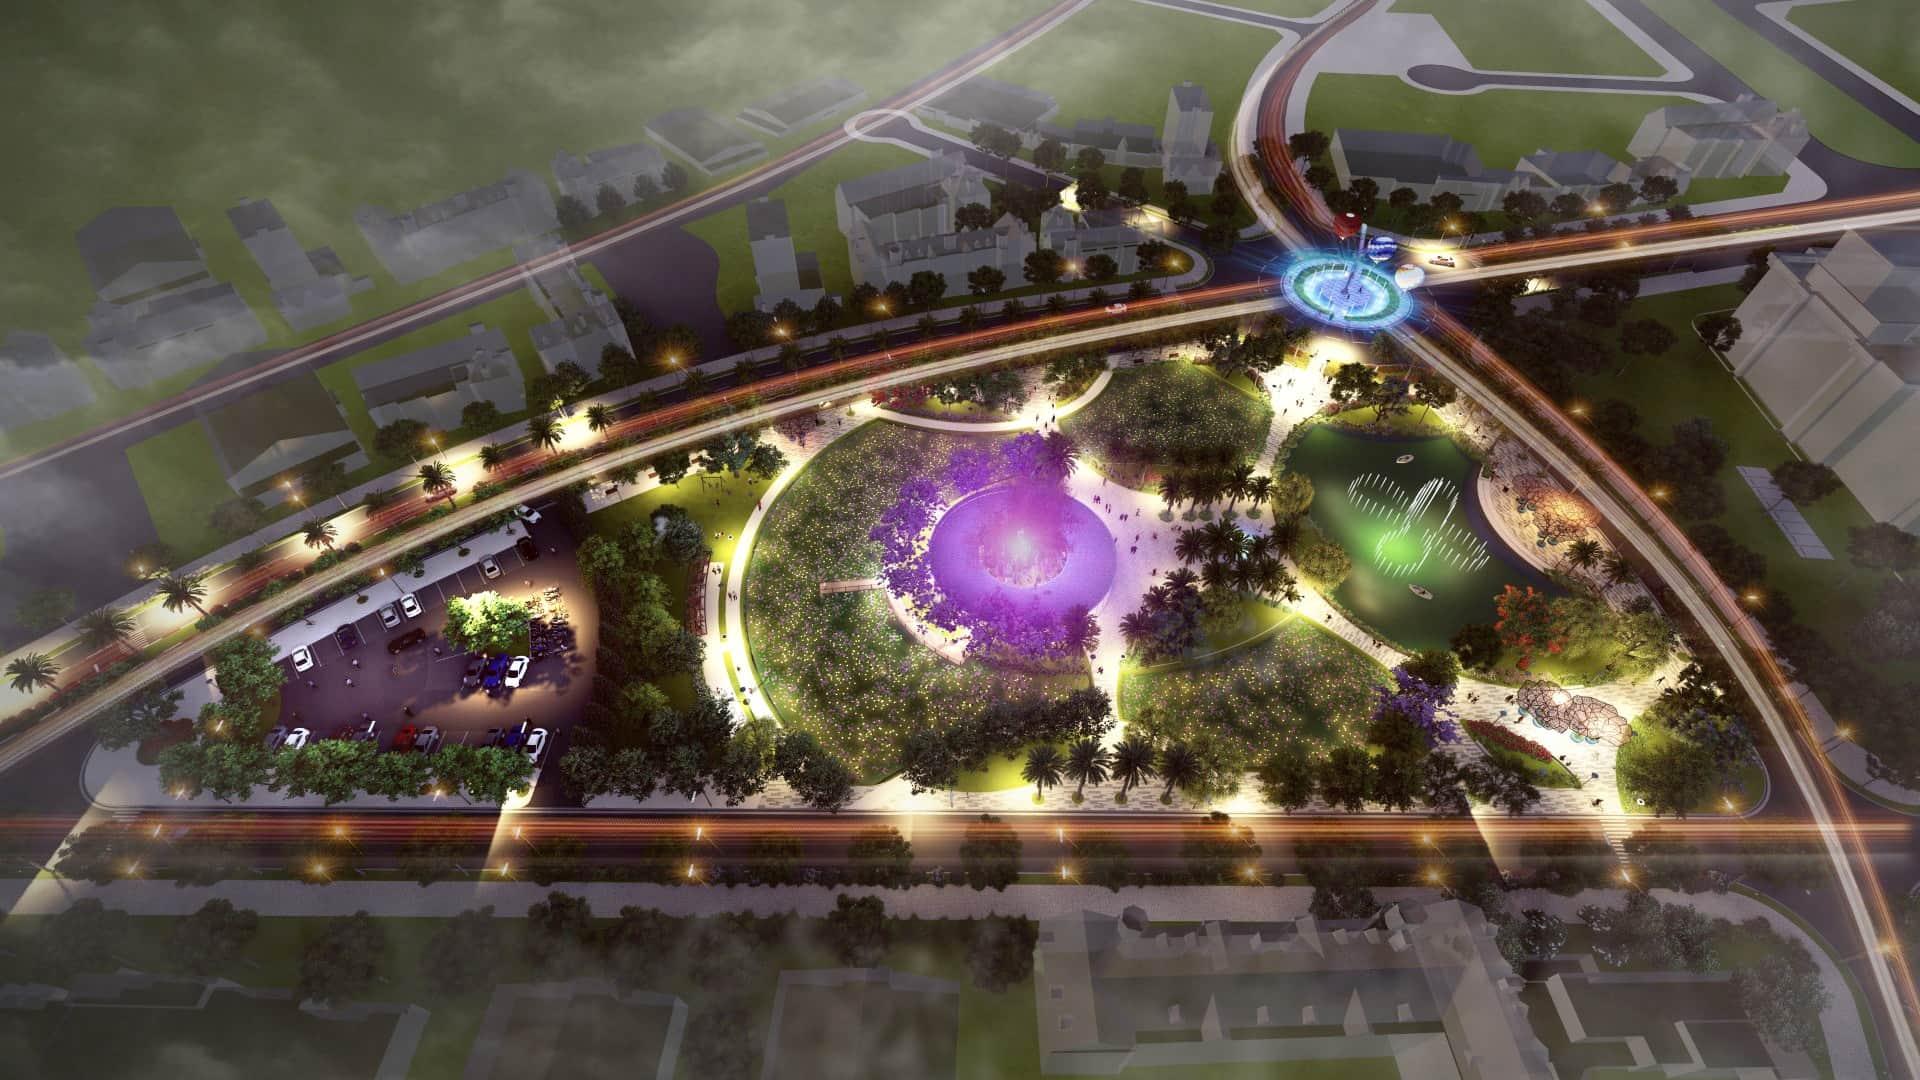 thiết kế cảnh quan công viên trung tâm O2 Park - VSIP Bắc Ninh